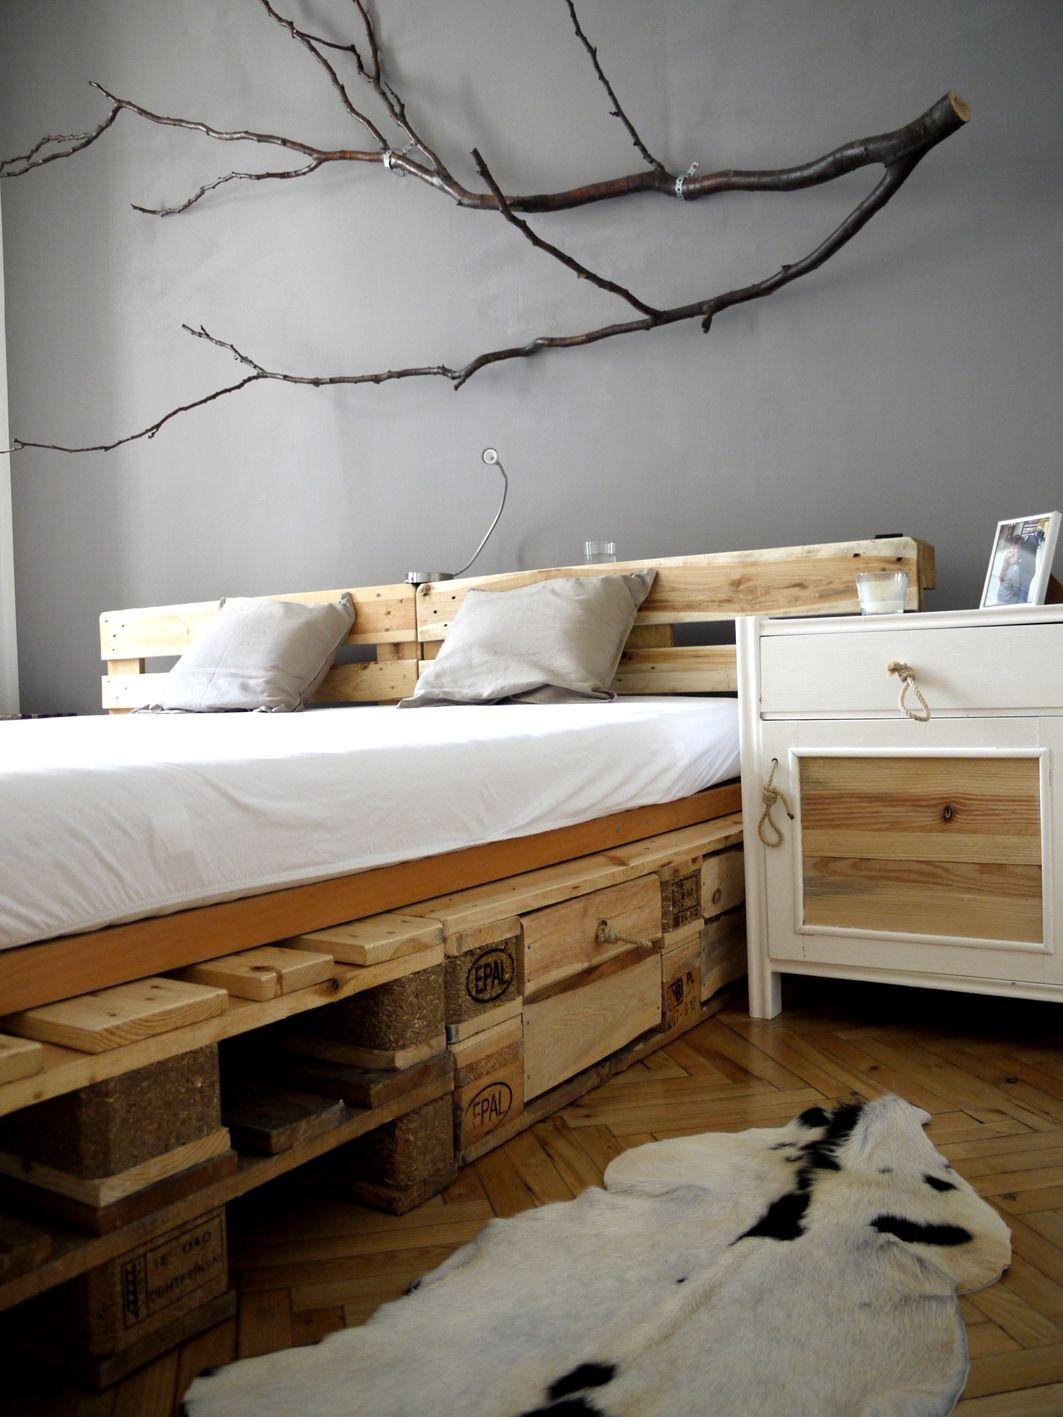 das diy schlafzimmer in wien wanddeco schlafzimmer. Black Bedroom Furniture Sets. Home Design Ideas